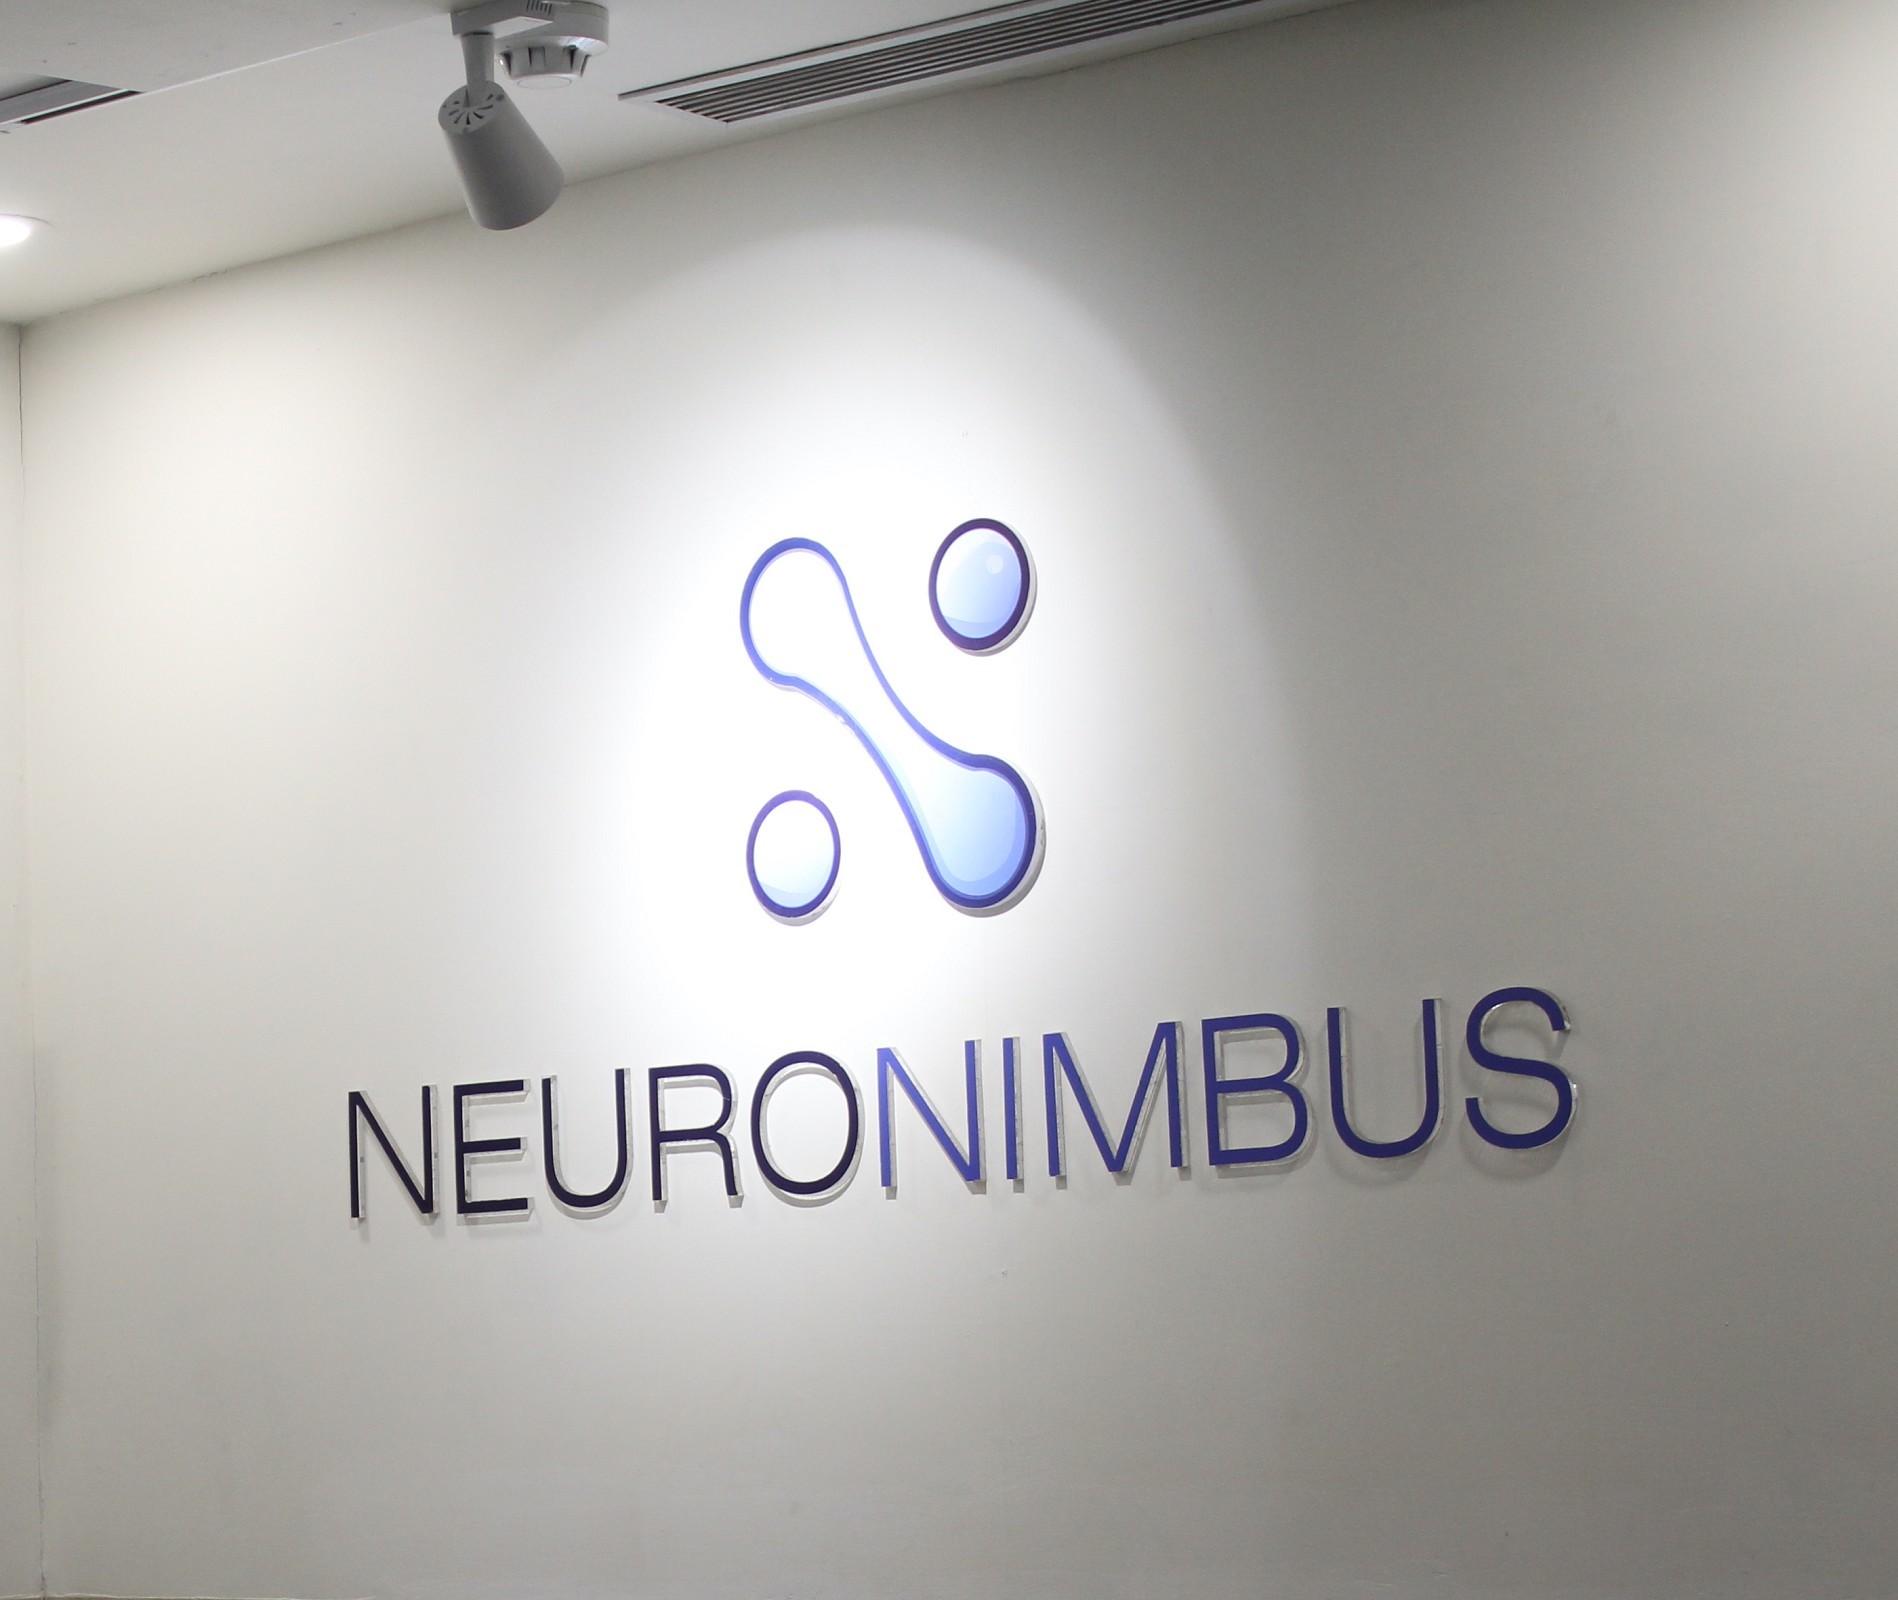 Neuronimbus Company logo